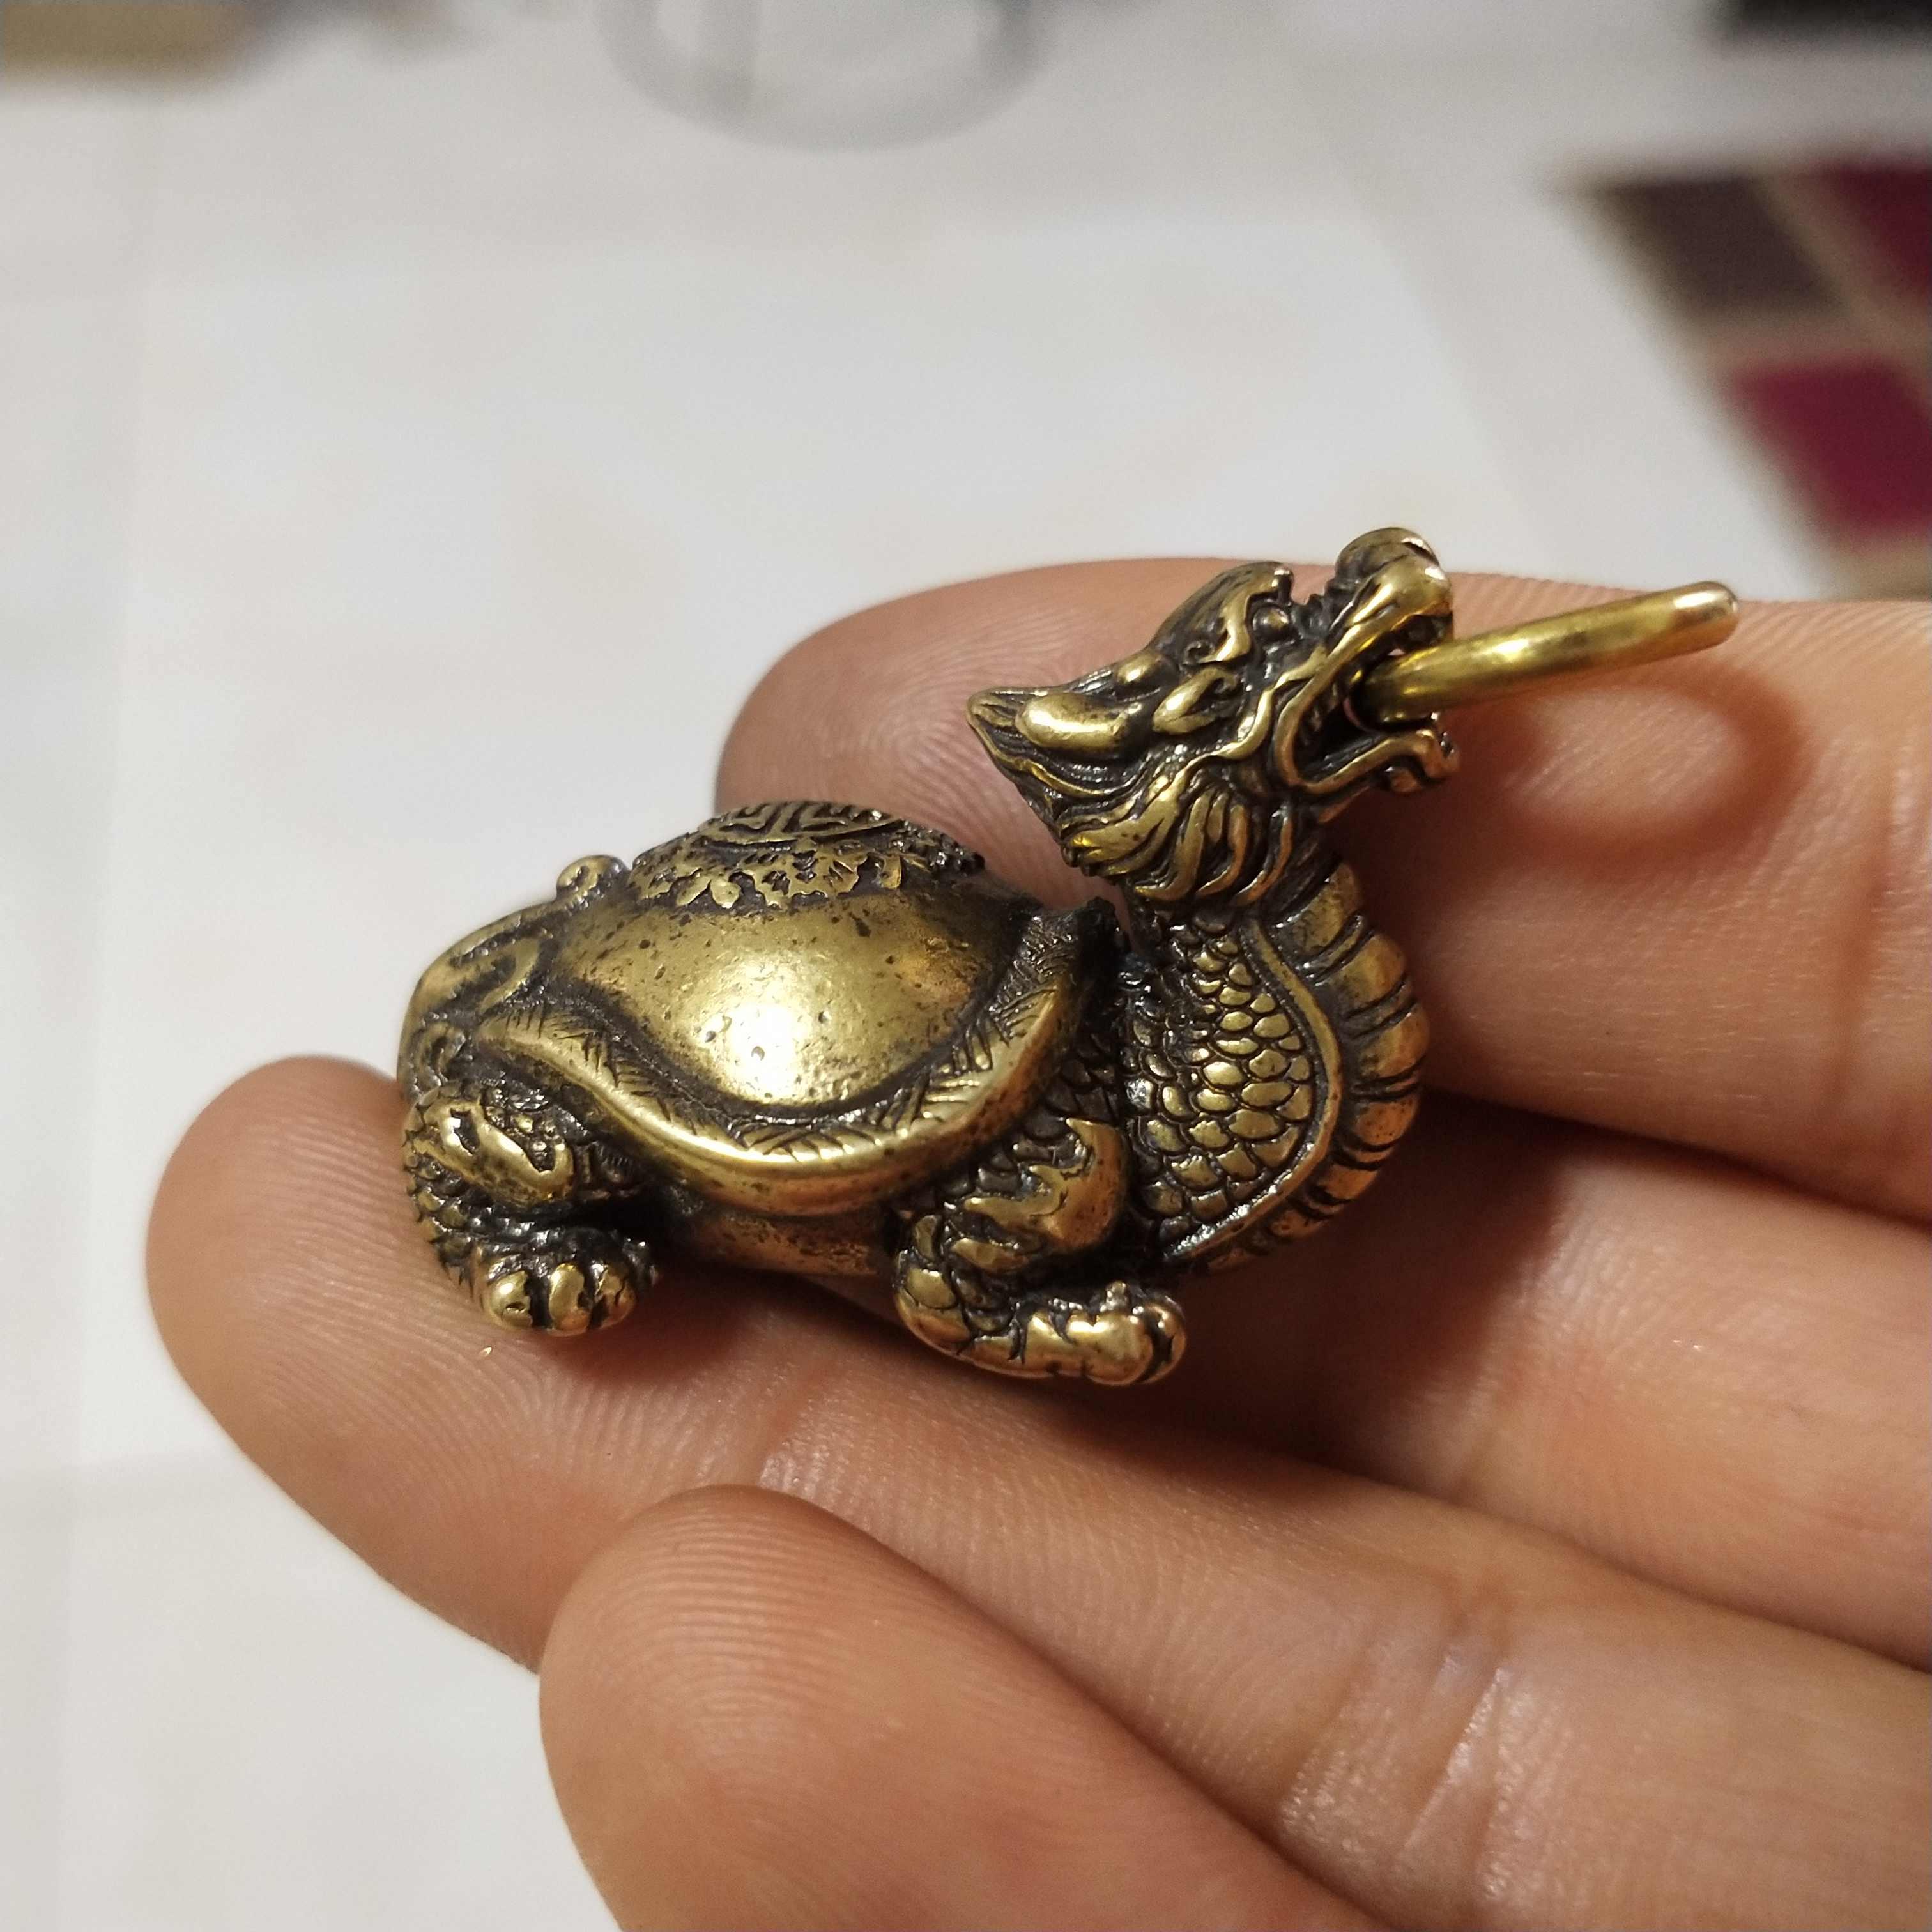 Bakır Heykel Koleksiyon Çin Pirinç Oyma Ejderha Kafası Kaplumbağa Exorcise kötü Ve Aramak Servet Zarif Küçük Heykeller